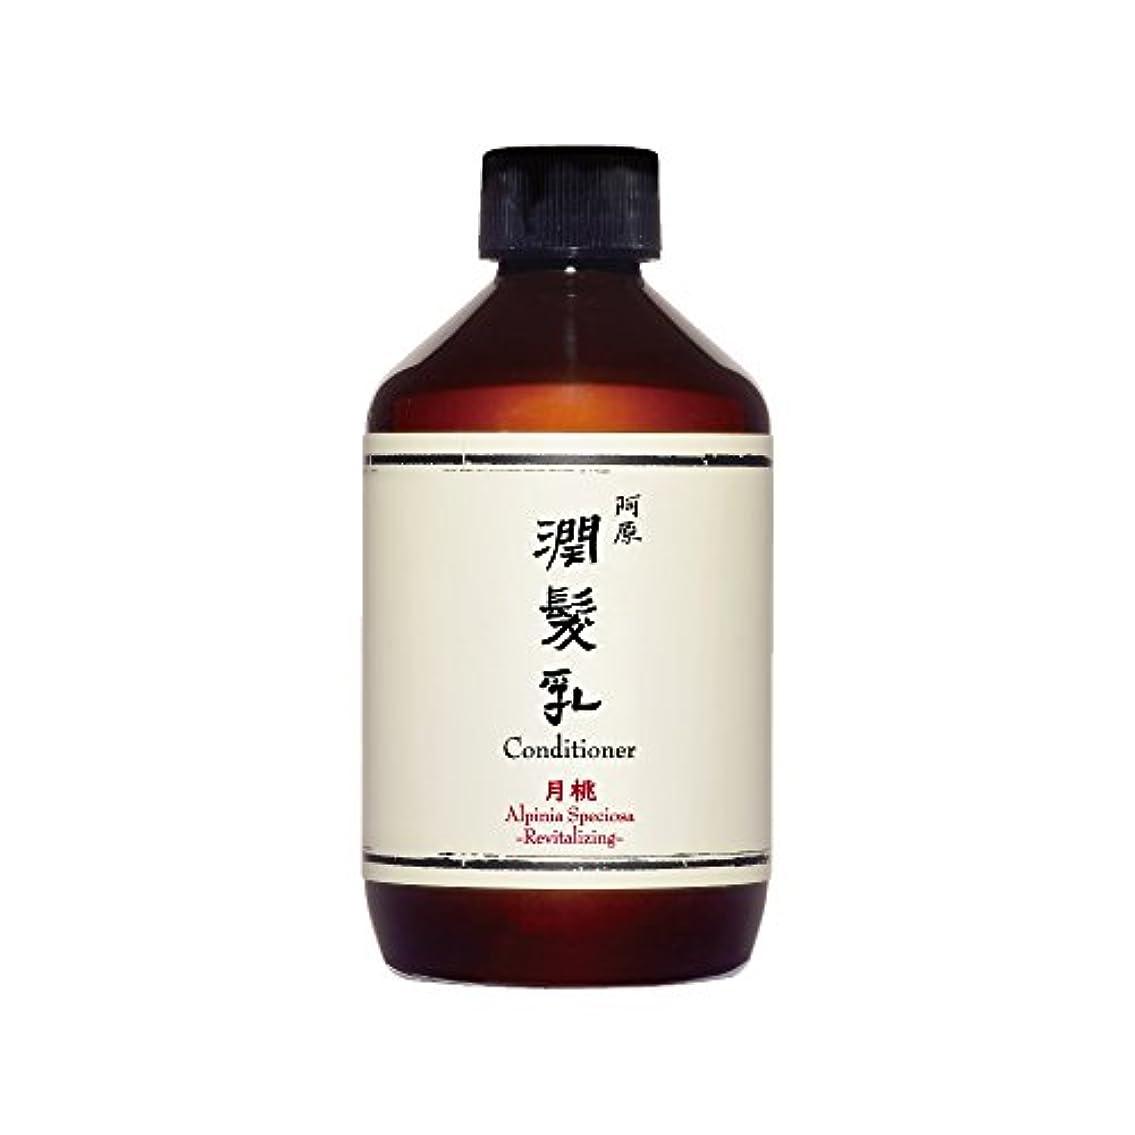 ツーリストラップトップサイクロプスYUAN(ユアン) 月桃(ゲットウ)コンディショナー 50ml